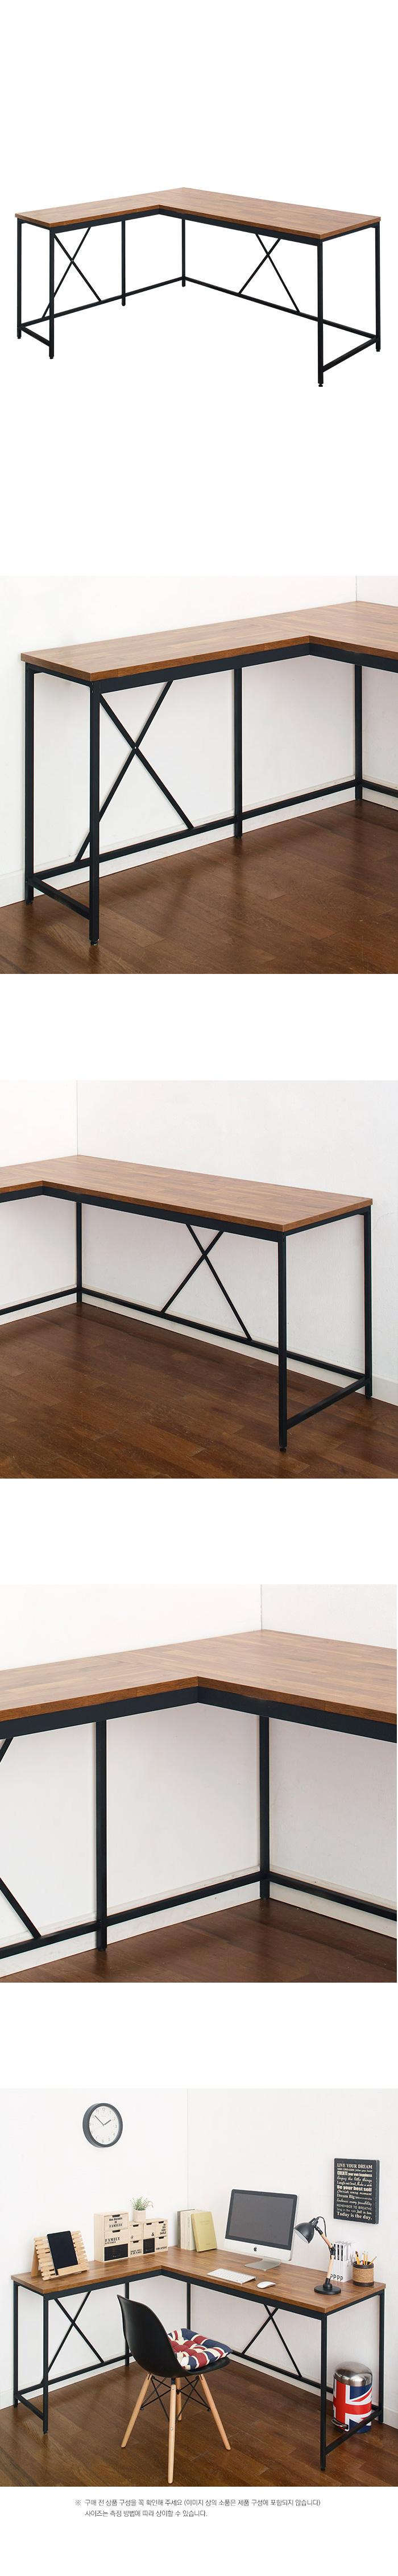 Olympus-Black_Corner-Desk_200515-3.jpg